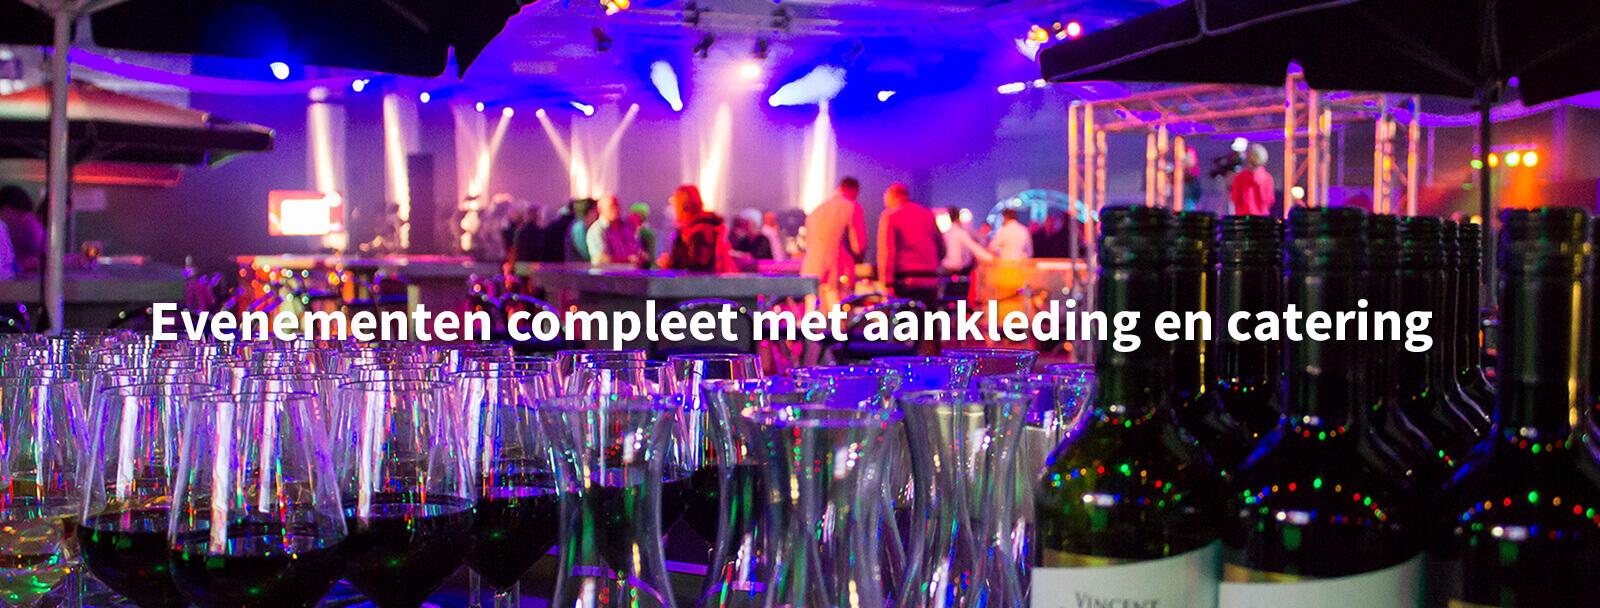 Complete evenementen